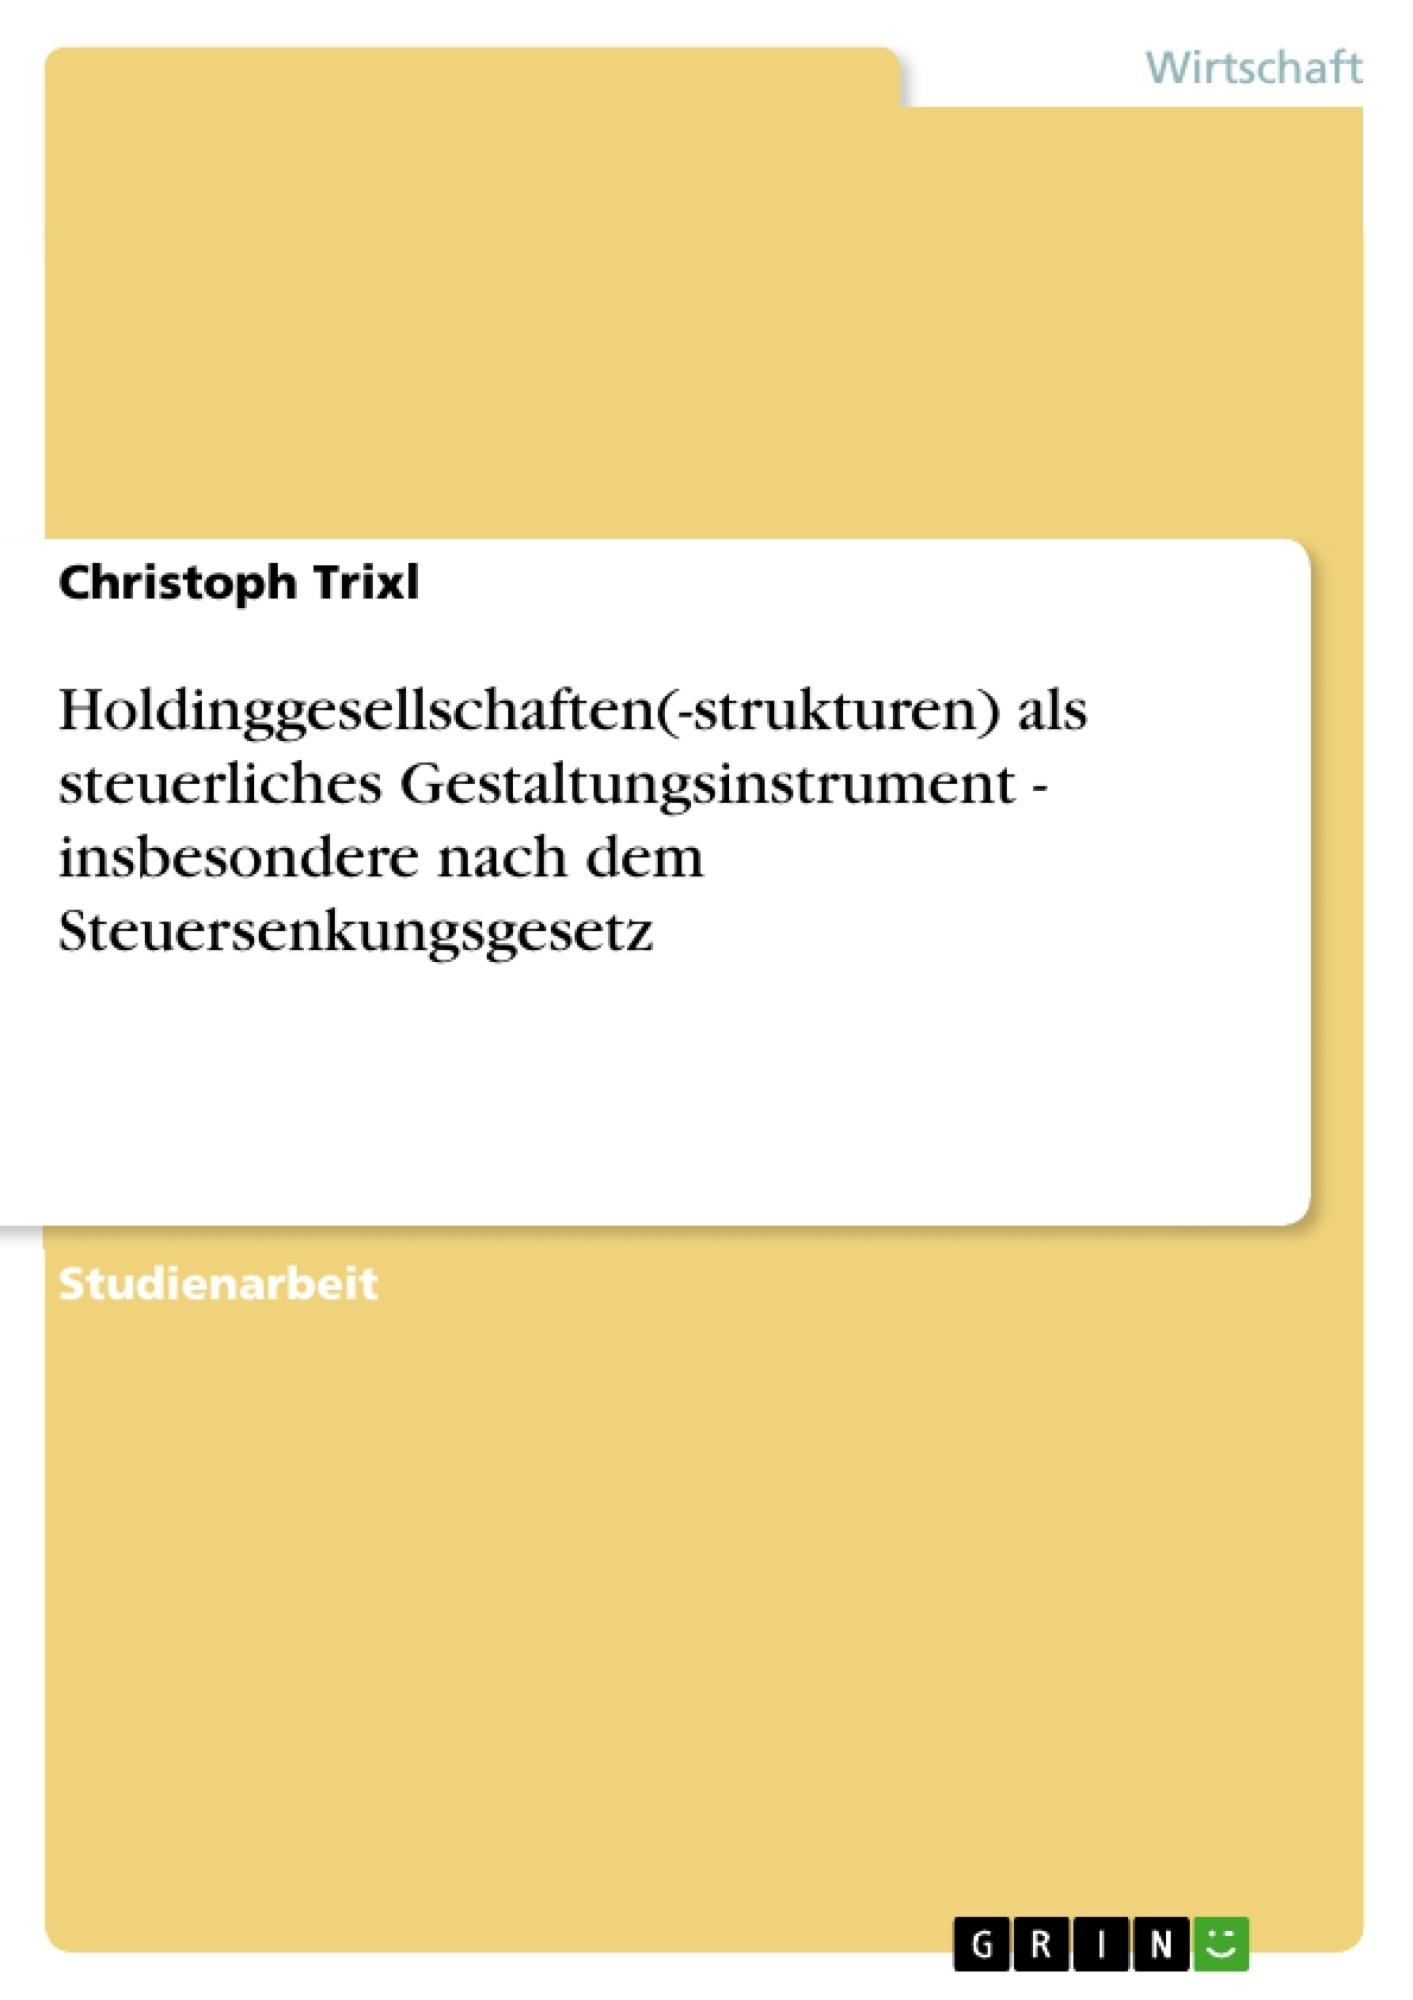 Titel: Holdinggesellschaften(-strukturen) als steuerliches Gestaltungsinstrument - insbesondere nach dem Steuersenkungsgesetz